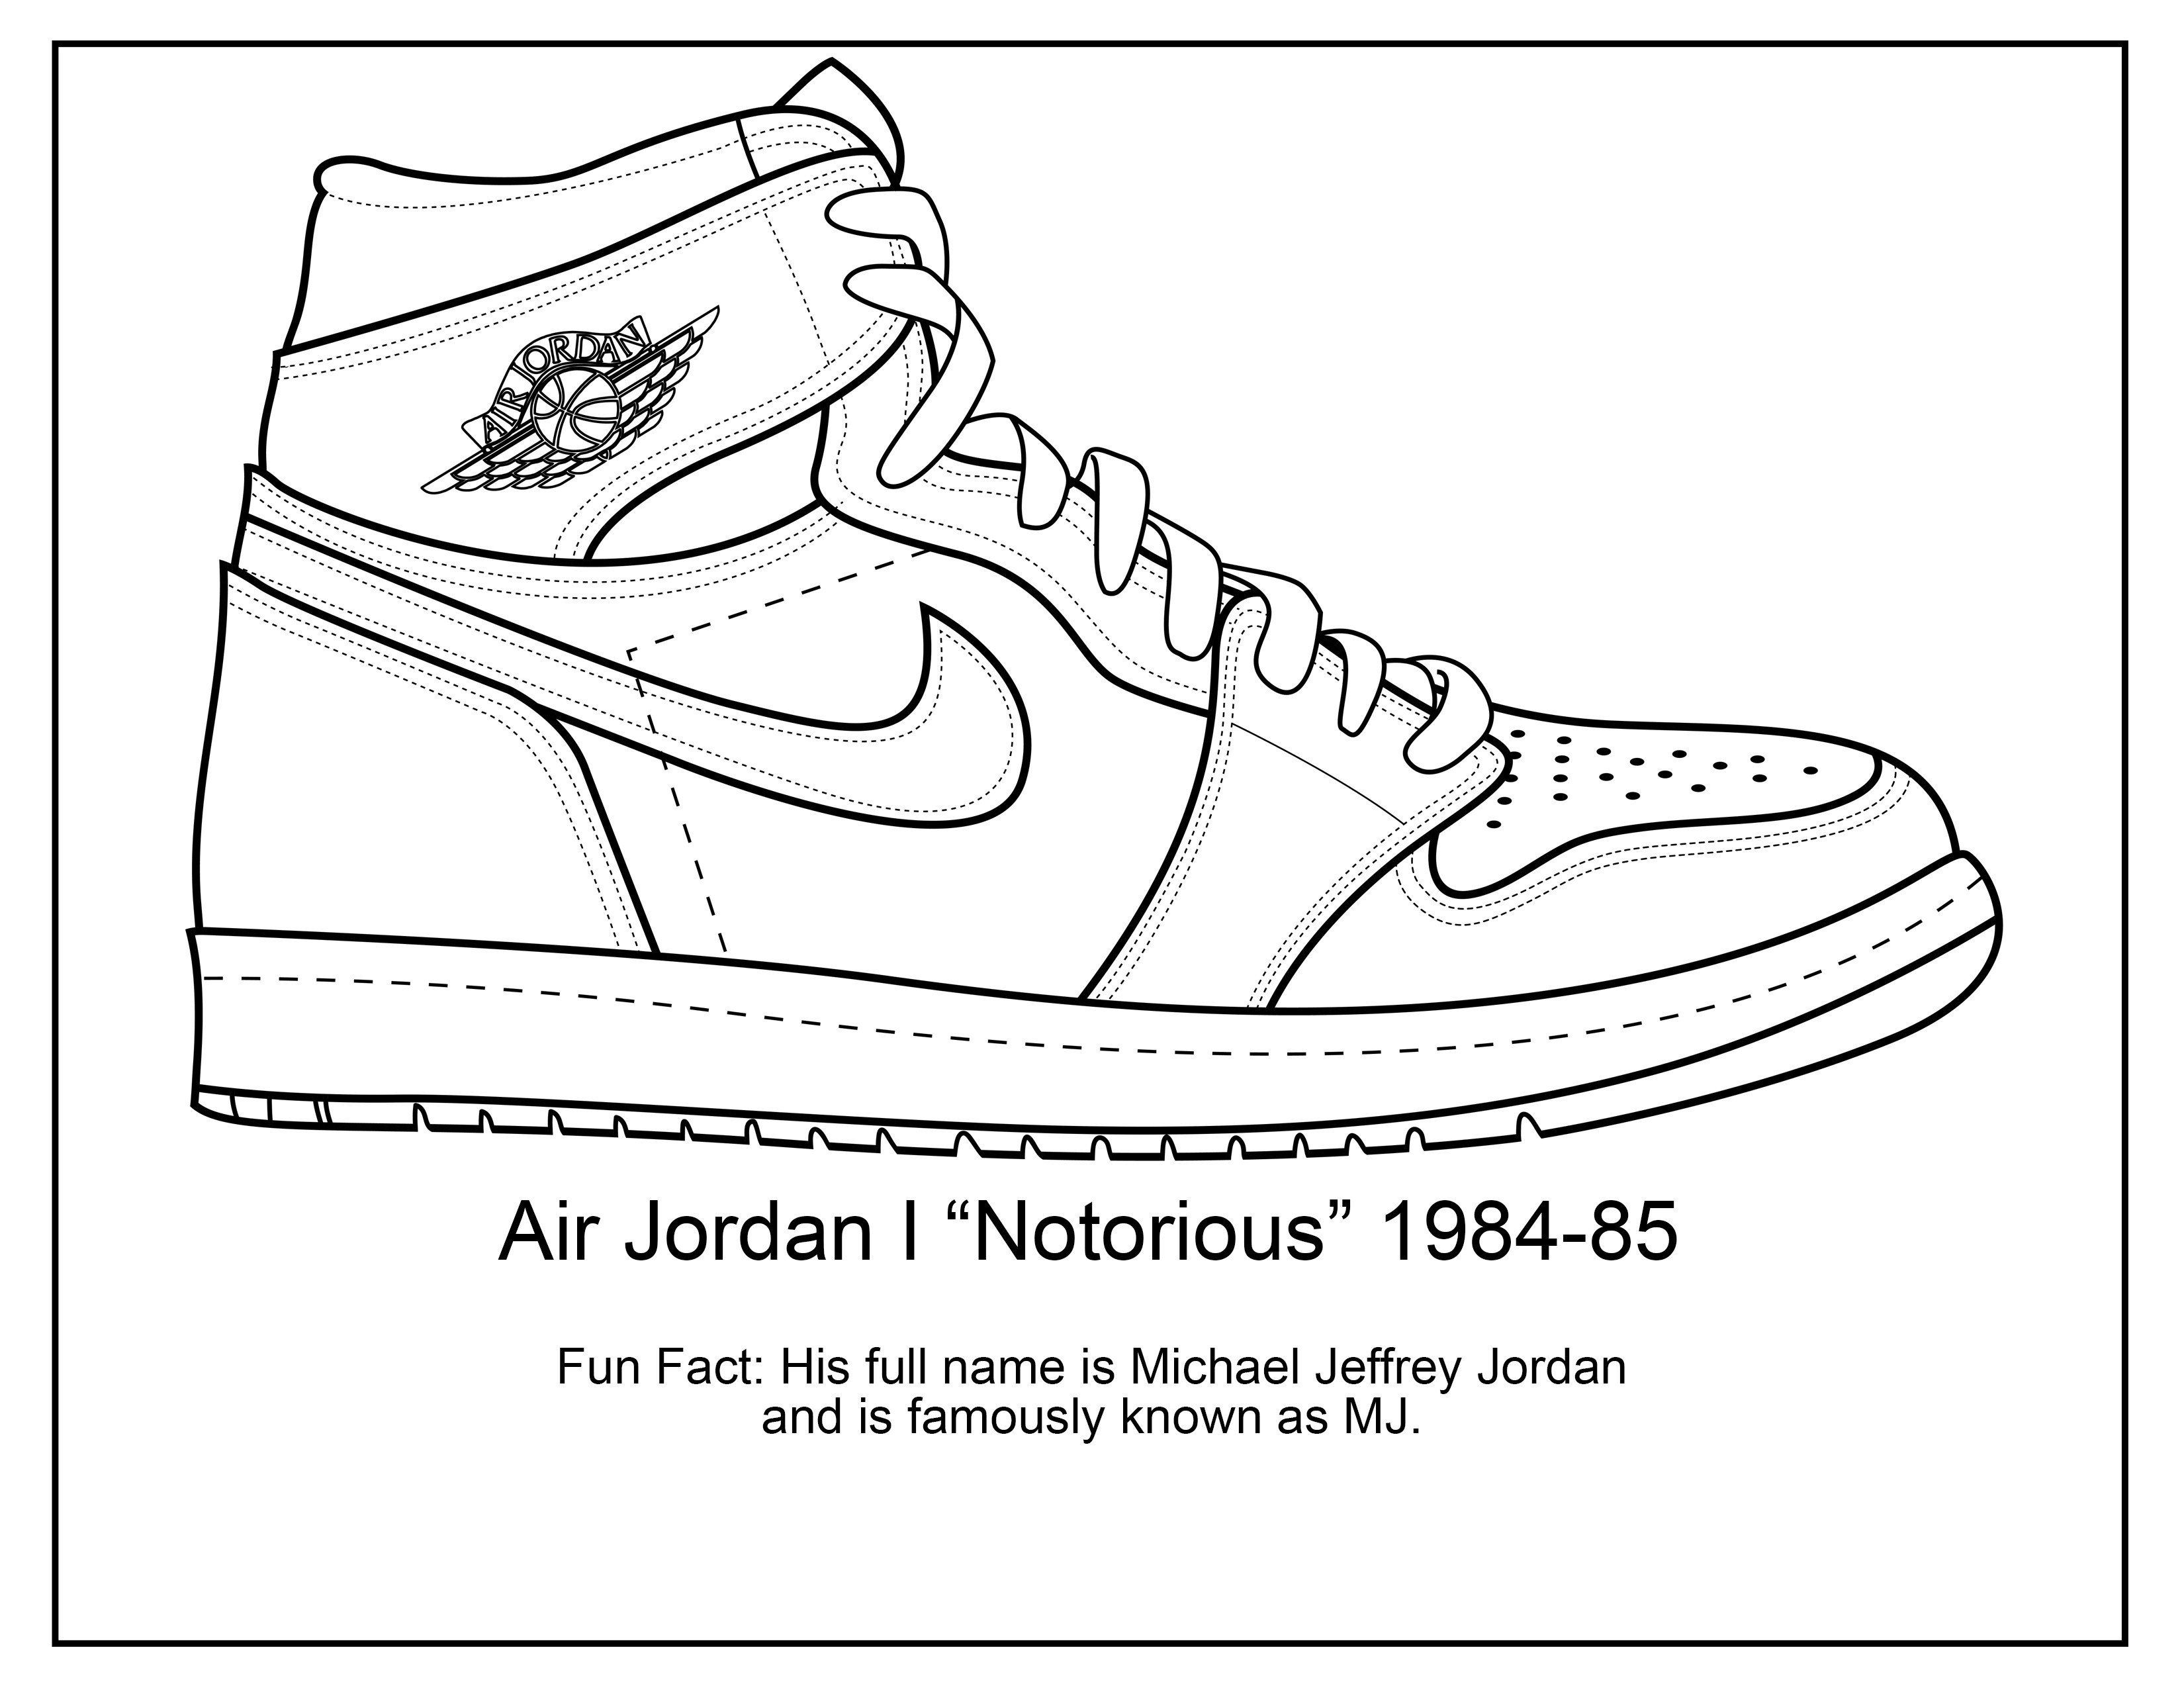 Jordan Shoe Coloring Book New Coloring Tremendous Jordan Coloring Pages Picture Ideas Dibujo Zapatillas Zapatos Dibujos Diseno De Calzado